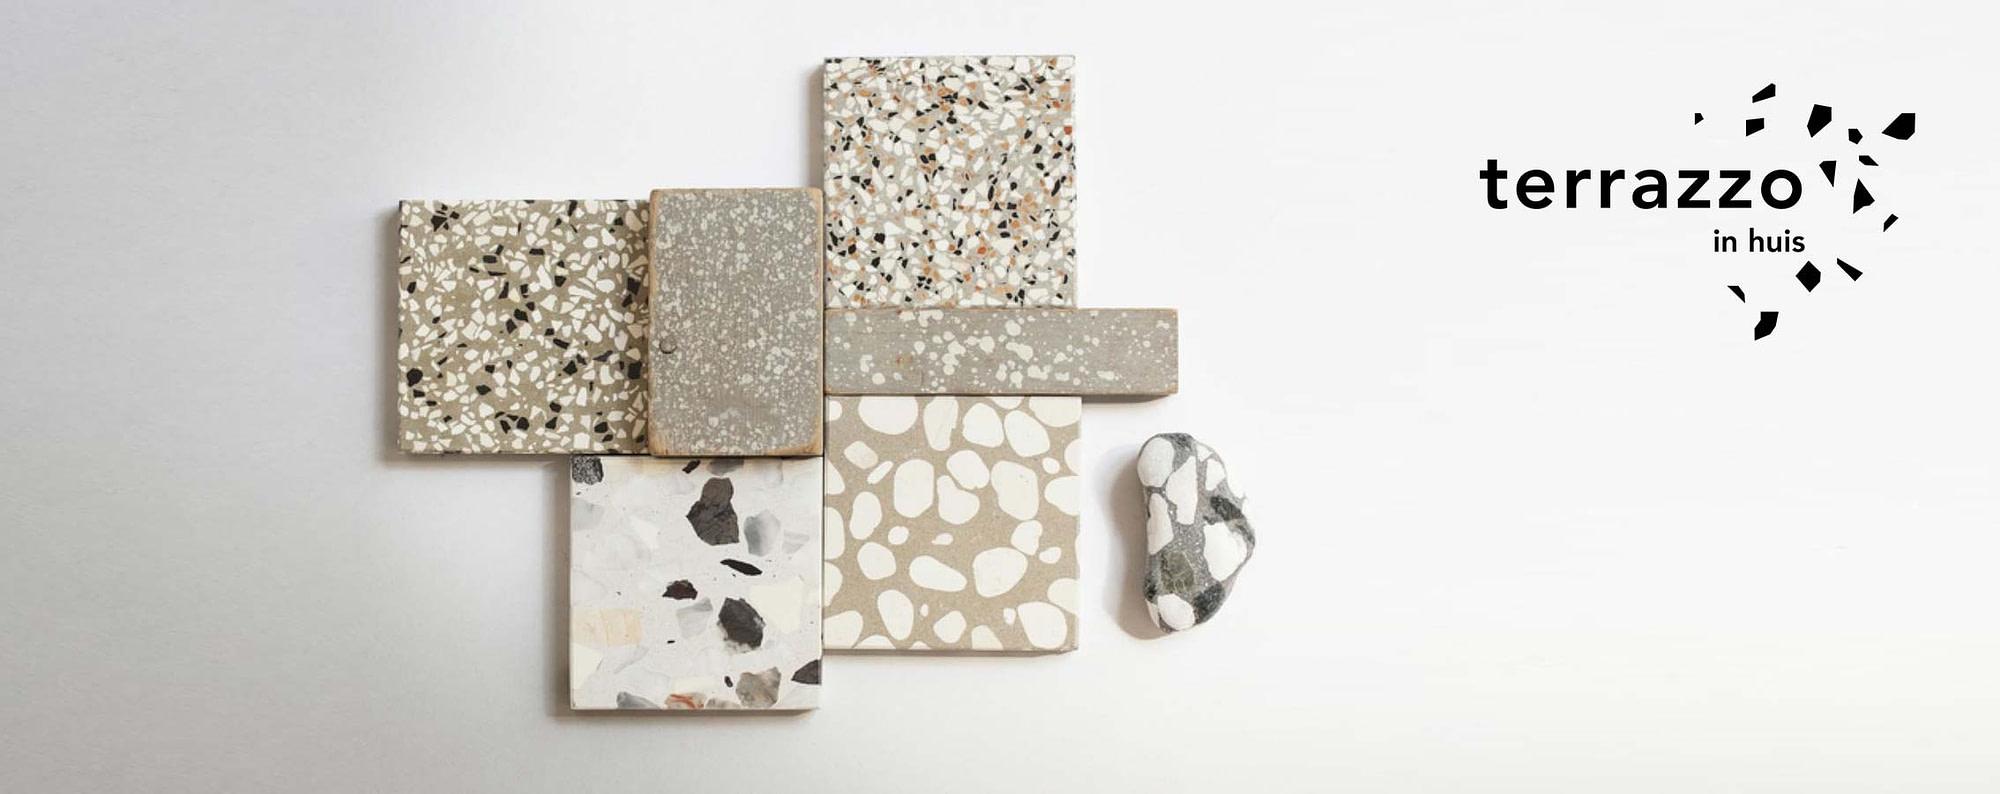 terrazzo granito tegels